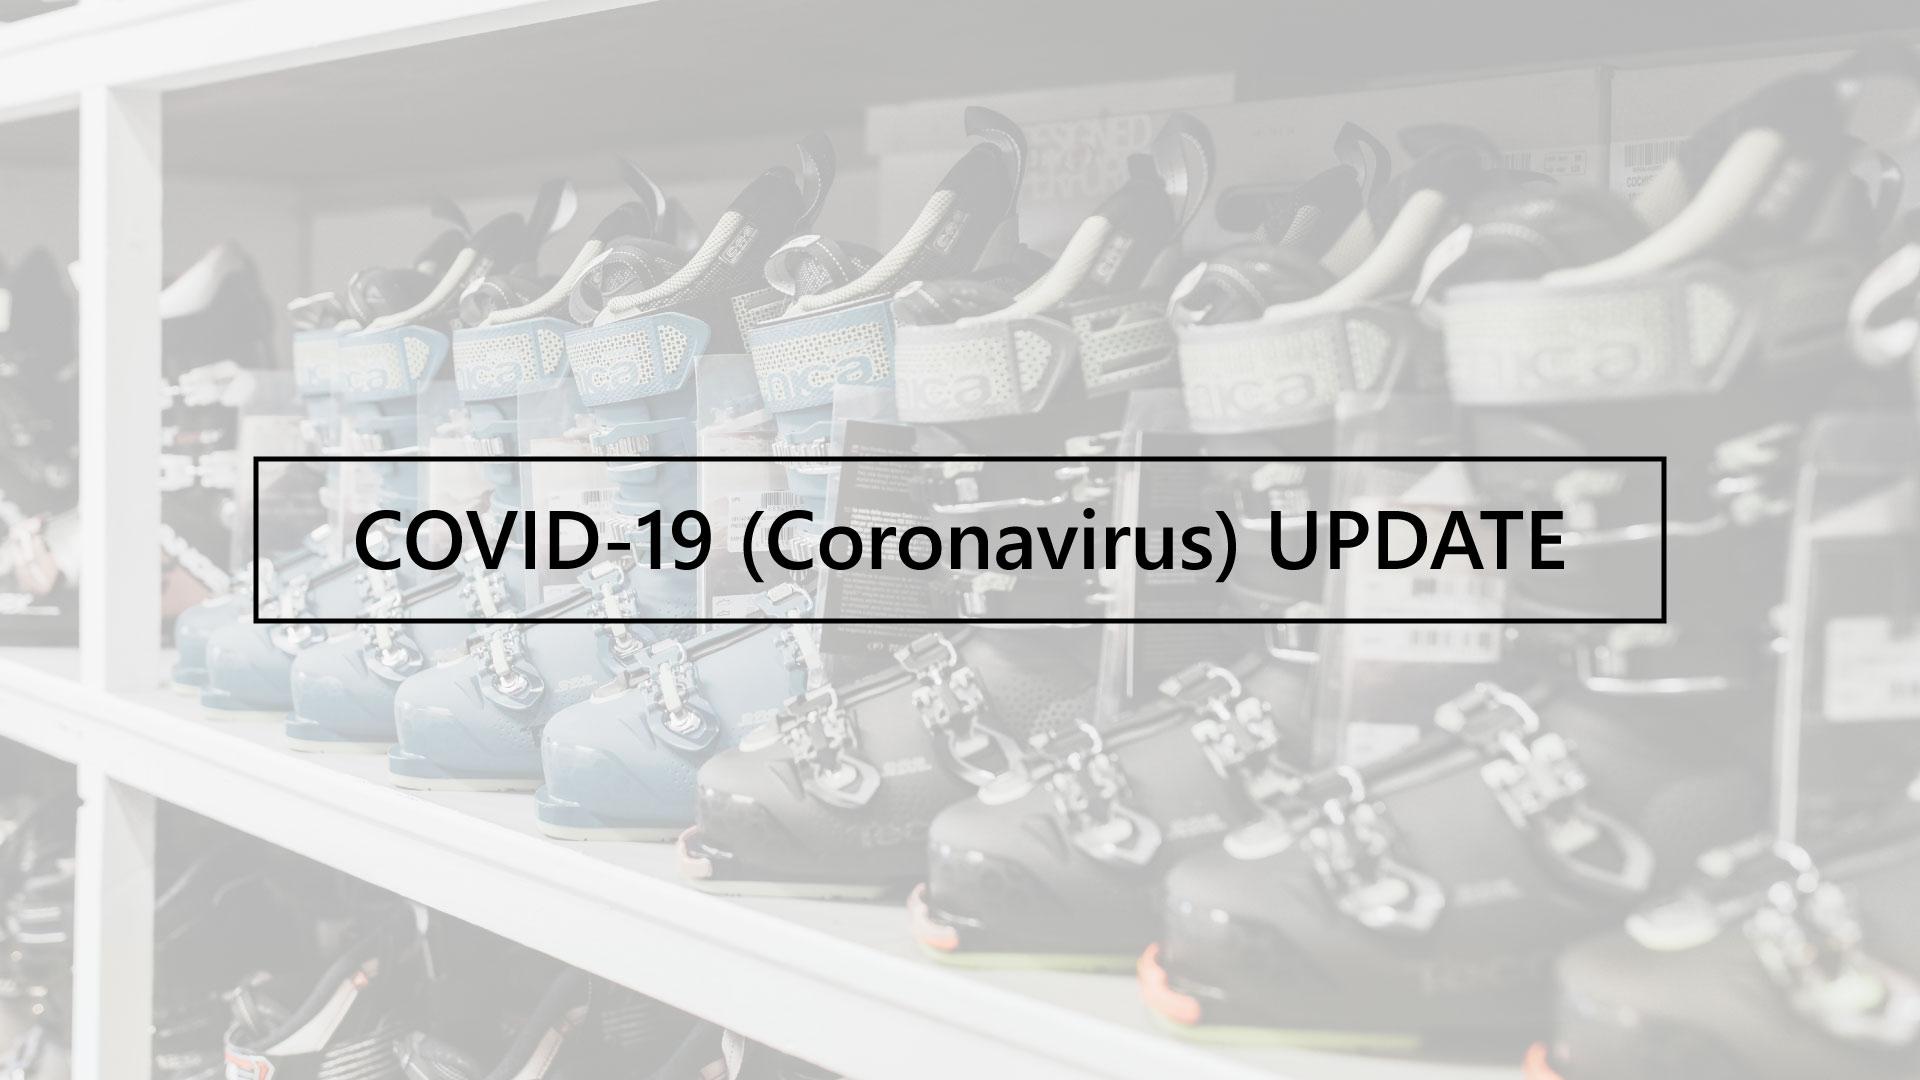 Snowtrax COVID-19 Coronavirus Update